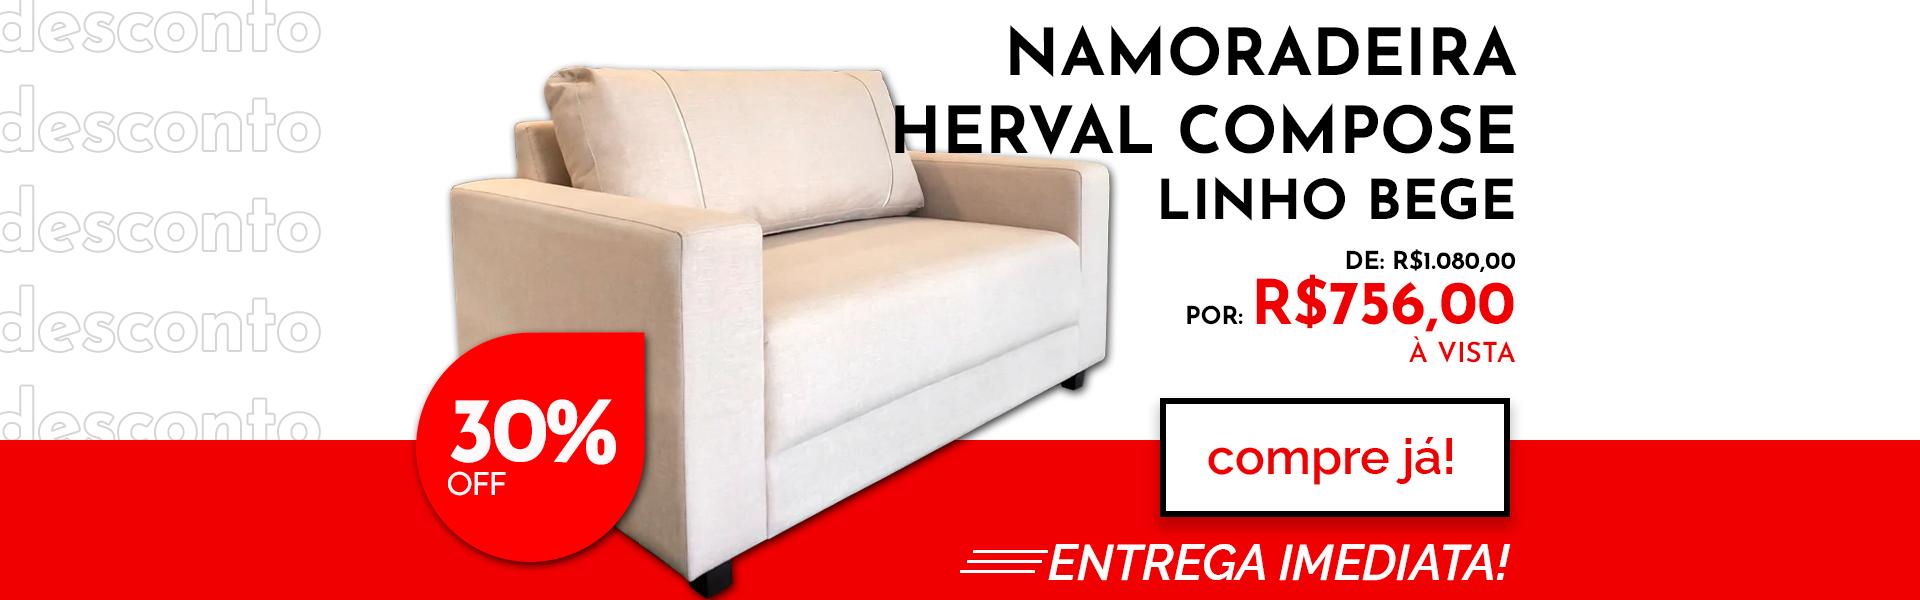 Poltrona Namoradeira Herval Compose 140 x 87 cm - Linho Bege